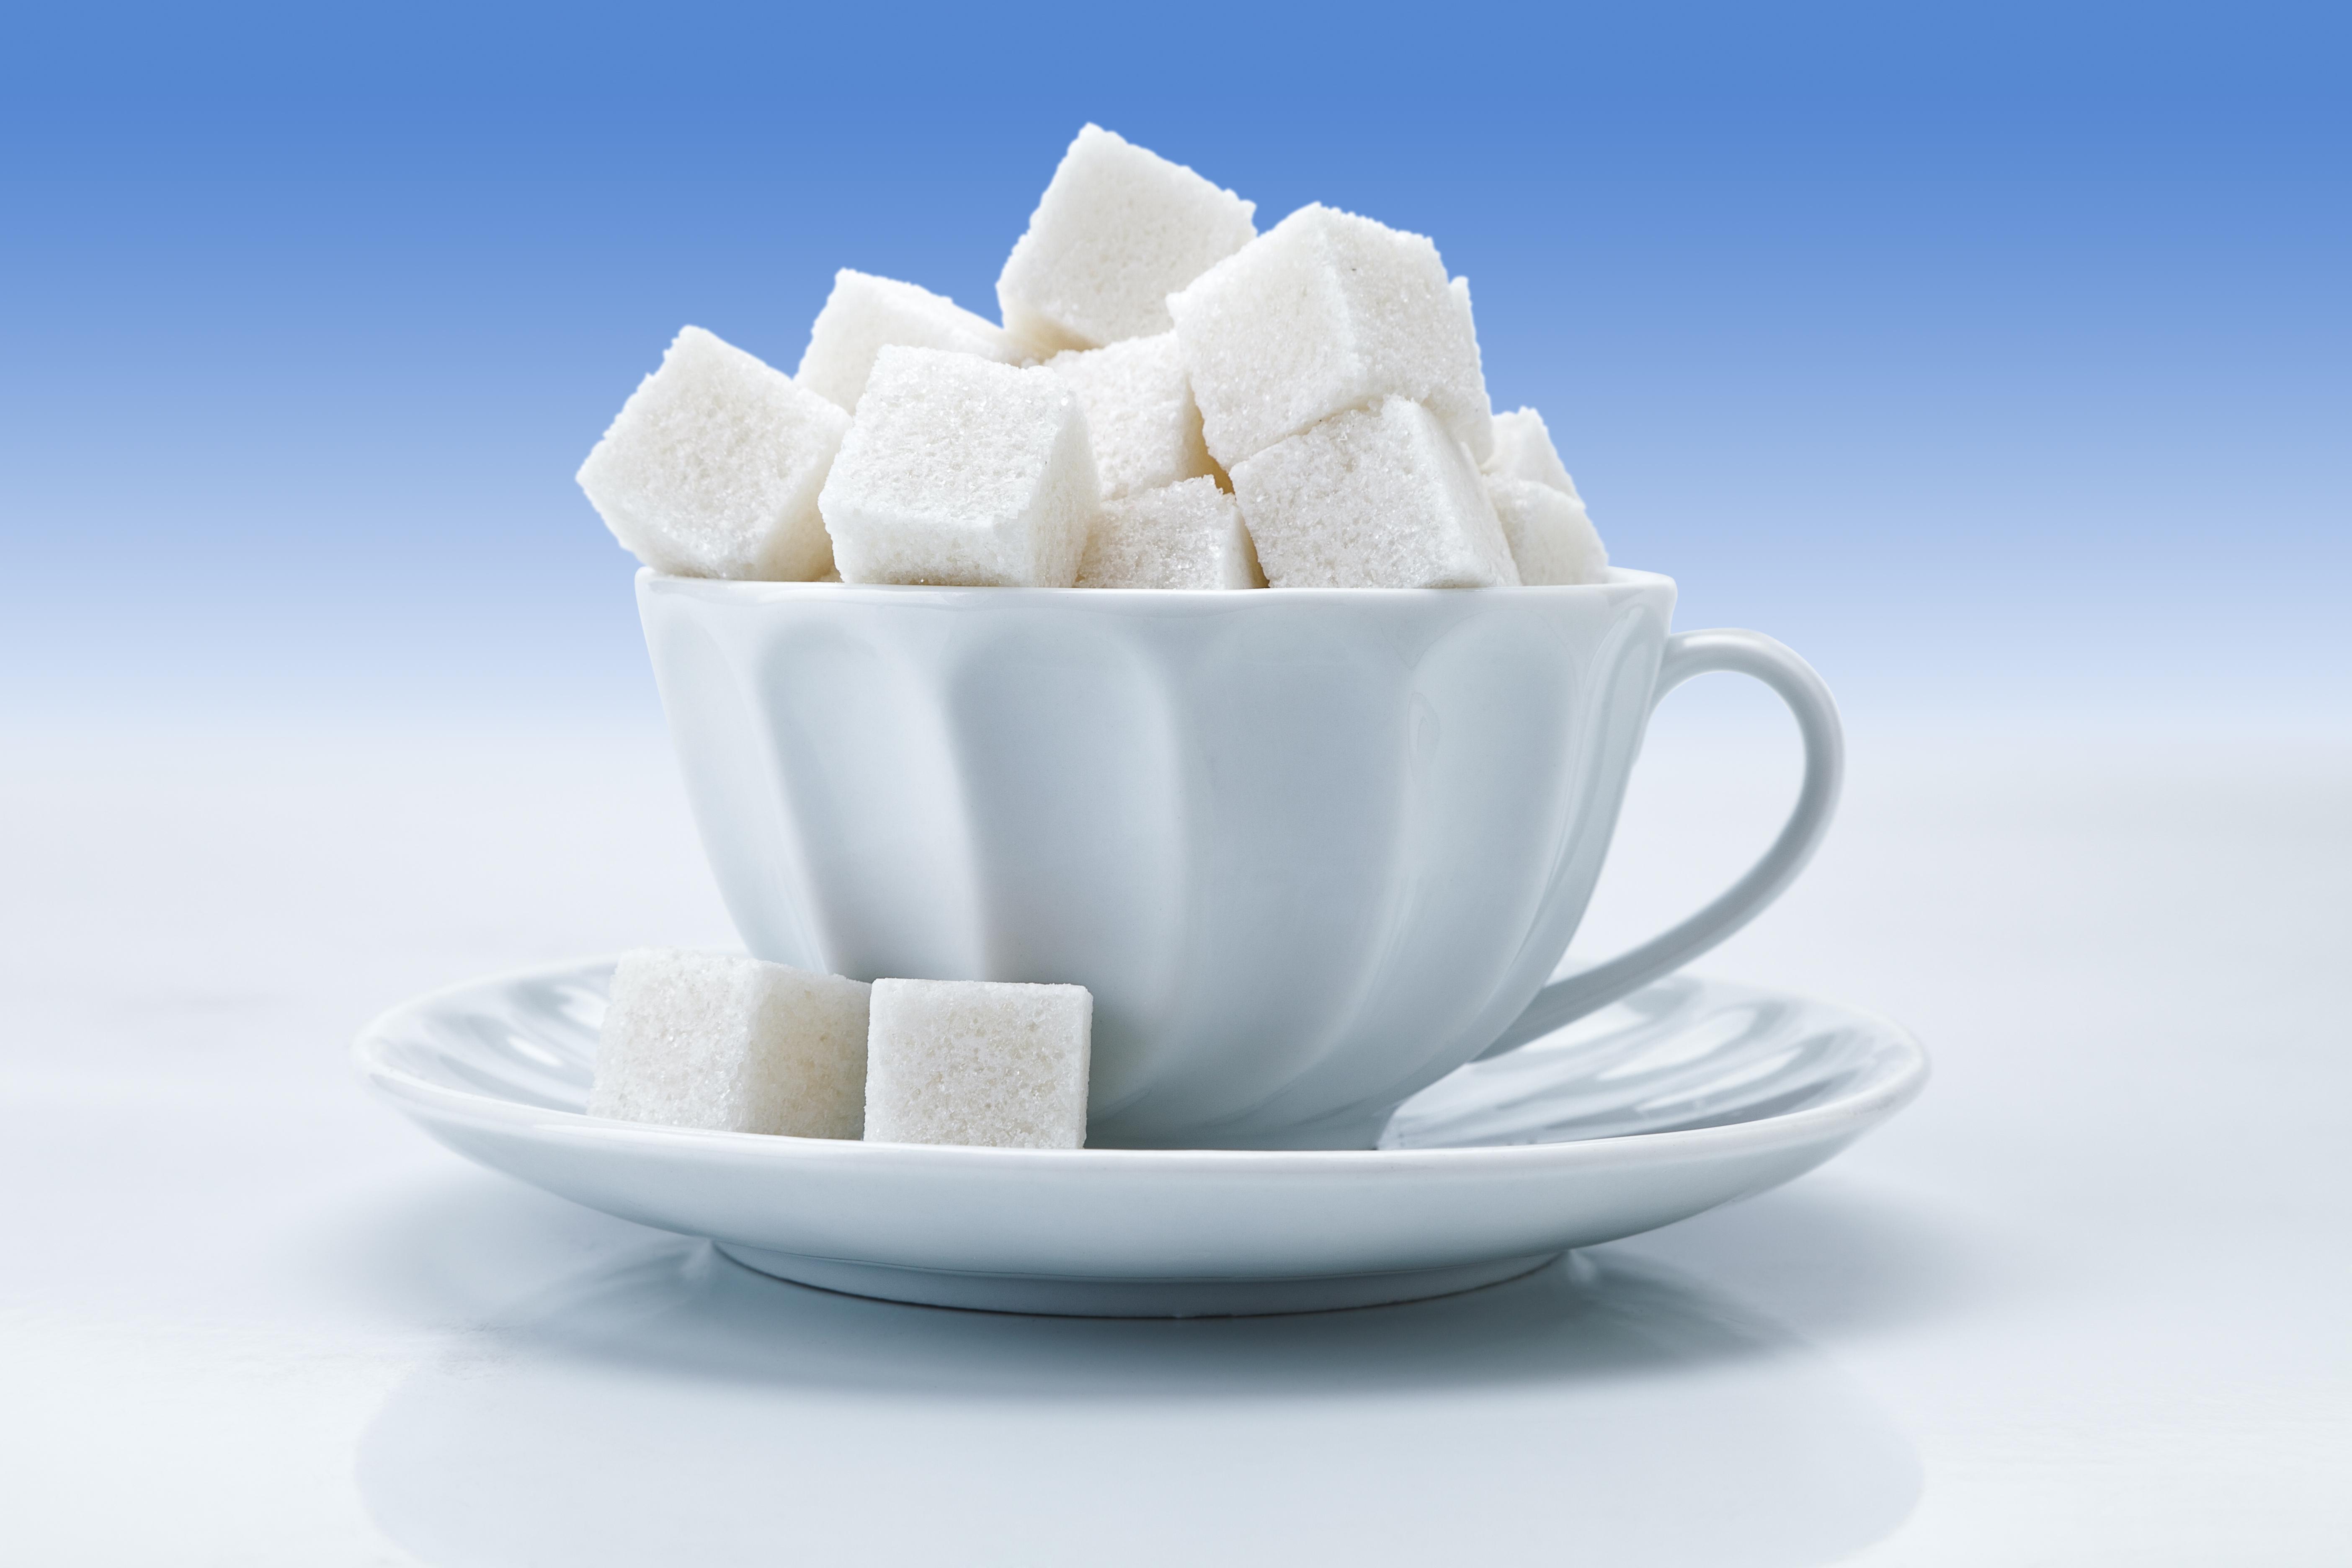 Tea cup with sugar